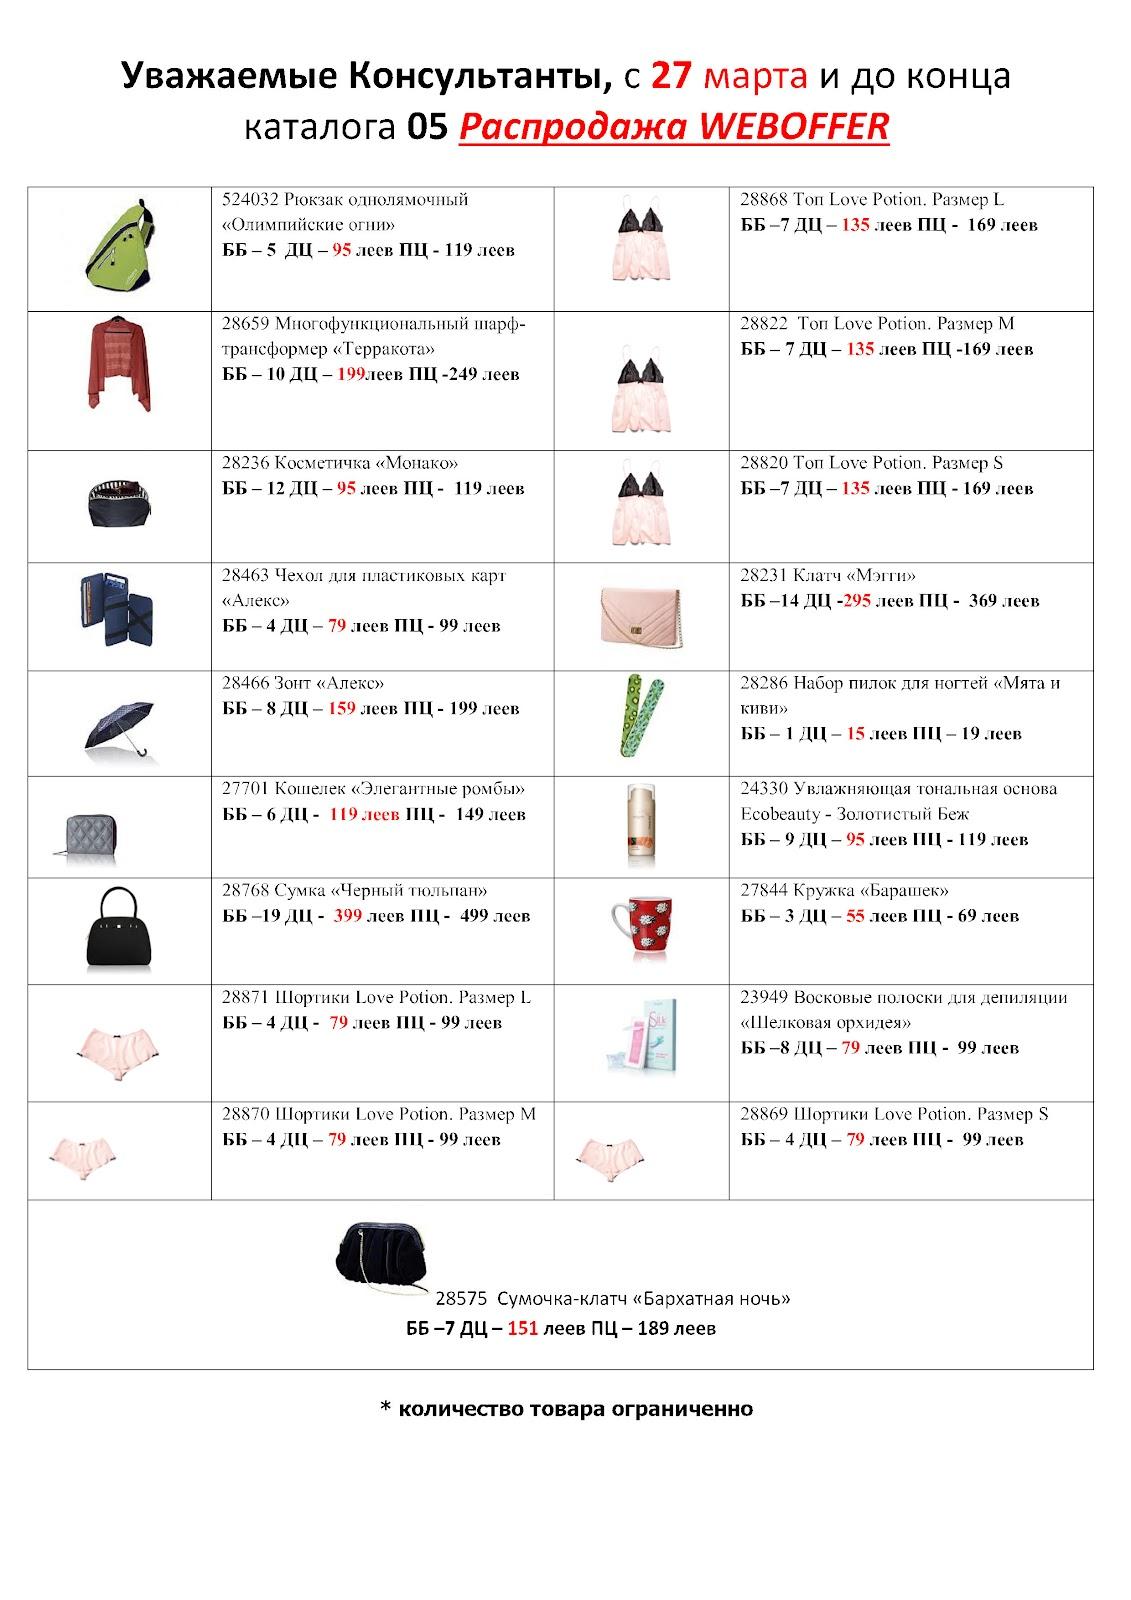 web-offer-c5-md.jpg